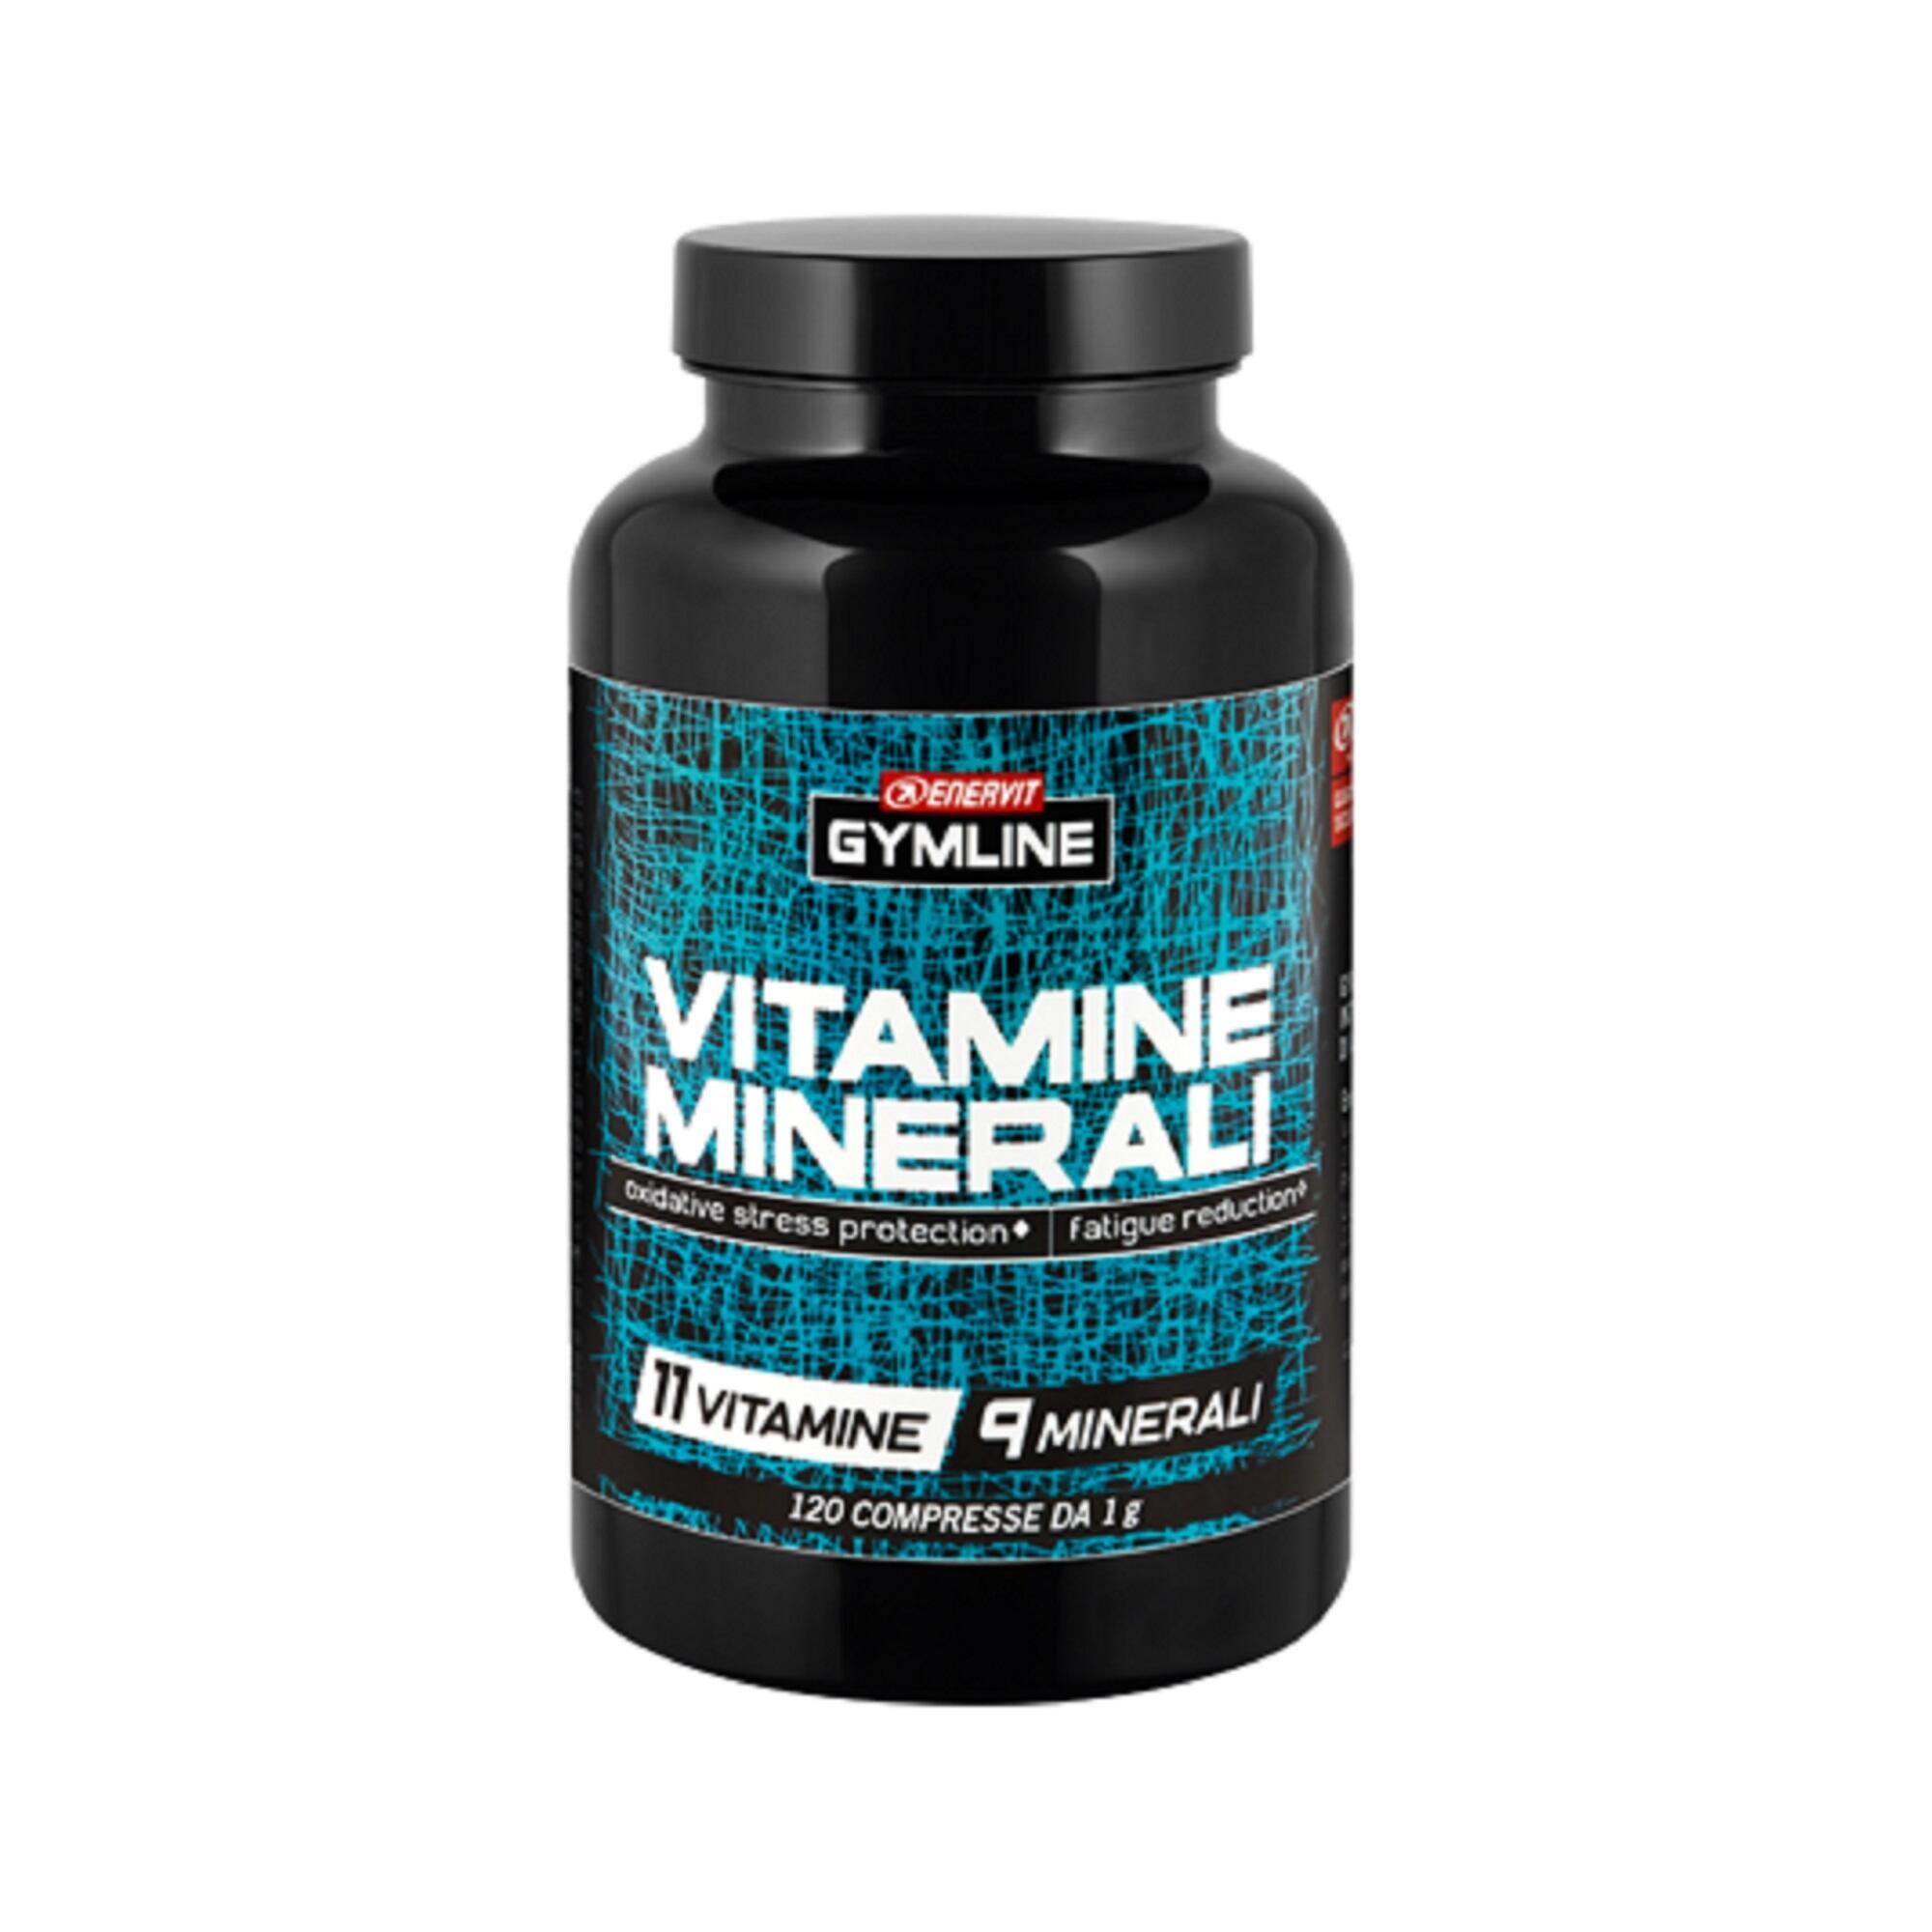 ENERVIT. Vitamine e Minerali 11 vitamine 9 minerali 120 compresse da 1g Enervit Gymline